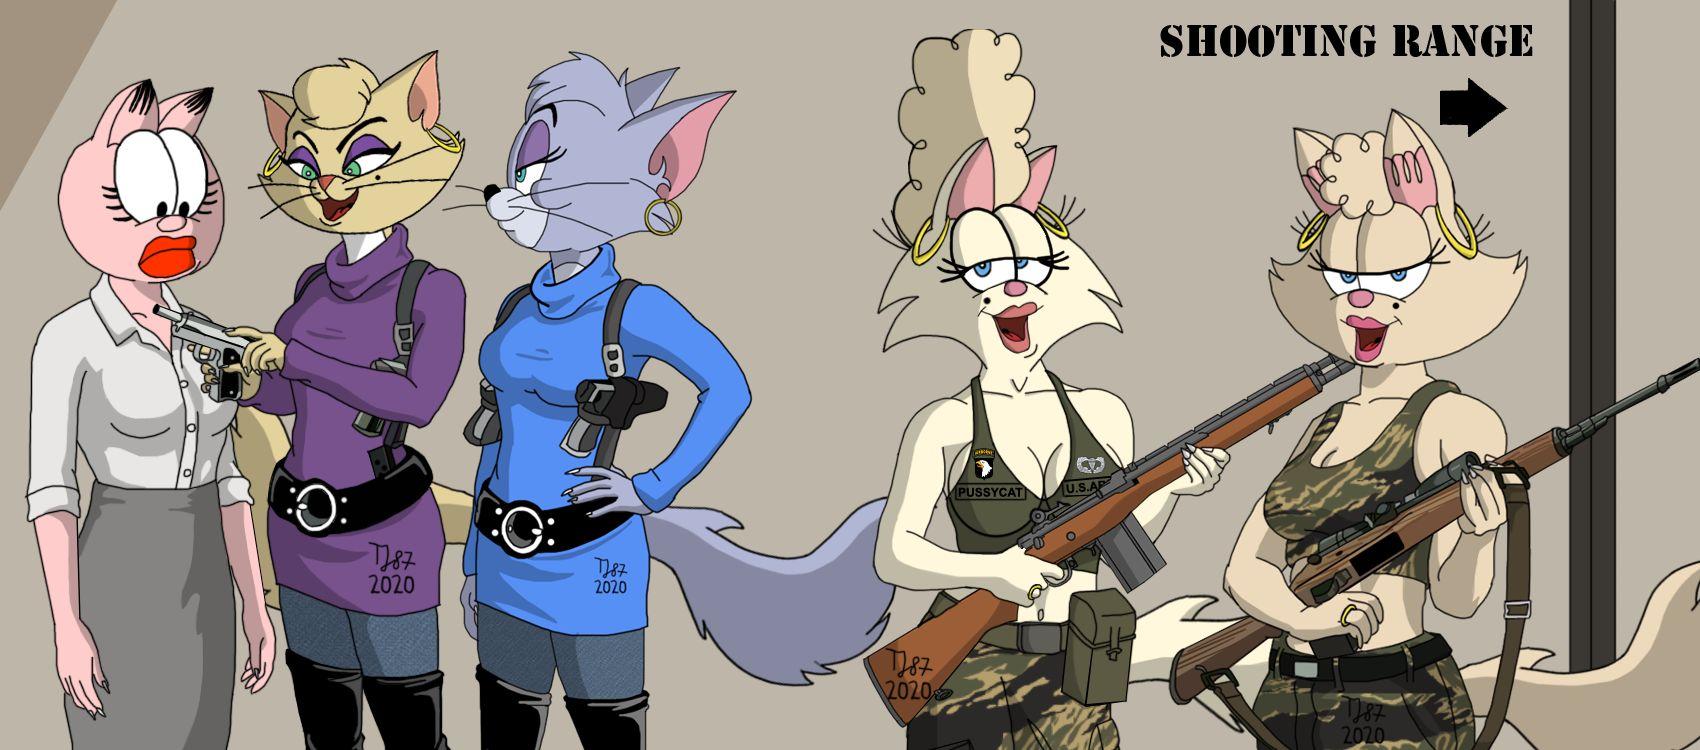 The Pussycat Sisterhood: Firearm Training by TeeJay87